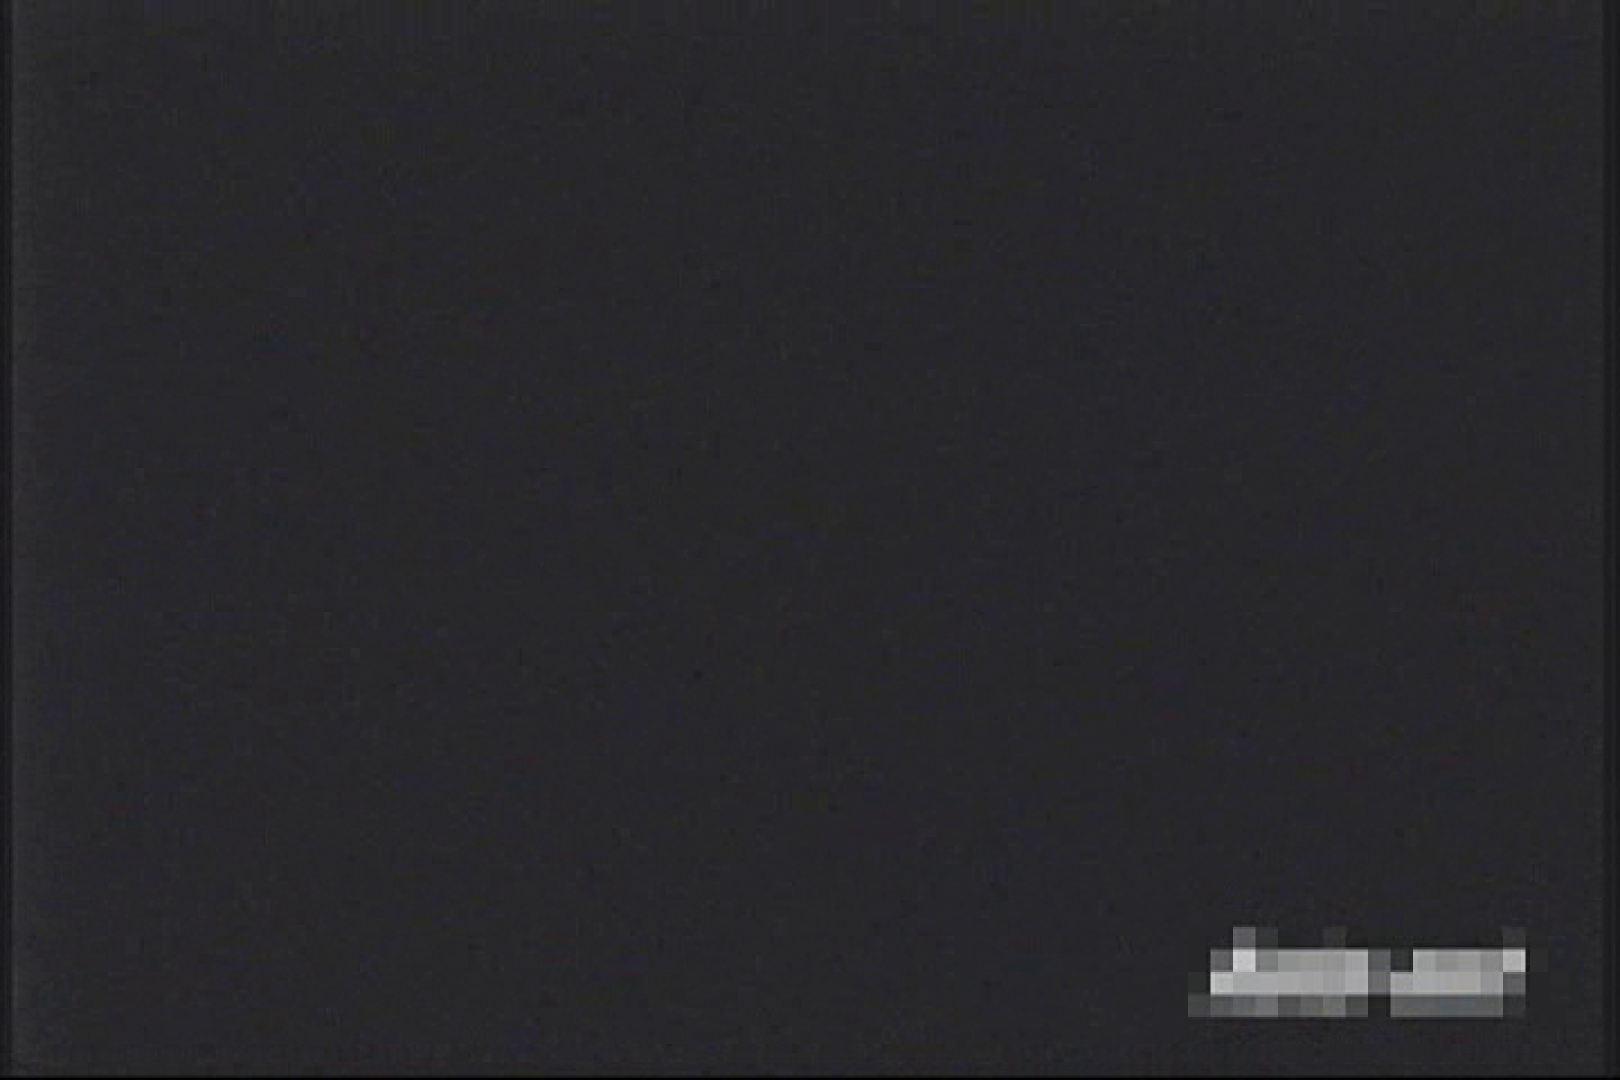 プライベートピーピング 欲求不満な女達Vol.6 プライベート オマンコ無修正動画無料 72連発 14